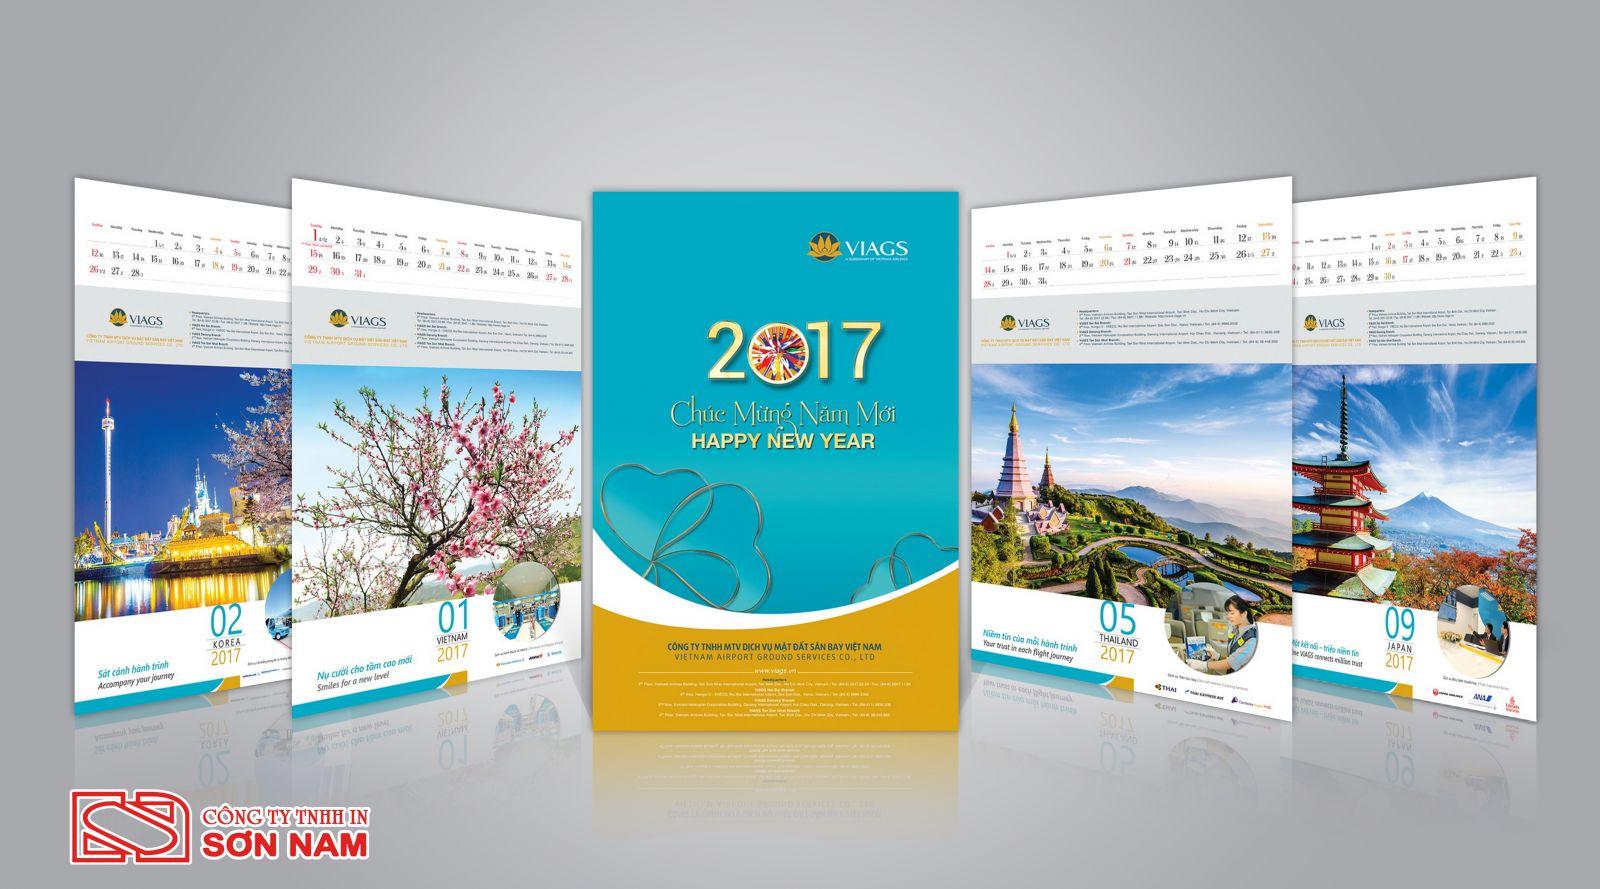 thiết kế lịch độc quyền thương hiệu tại In Sơn Nam